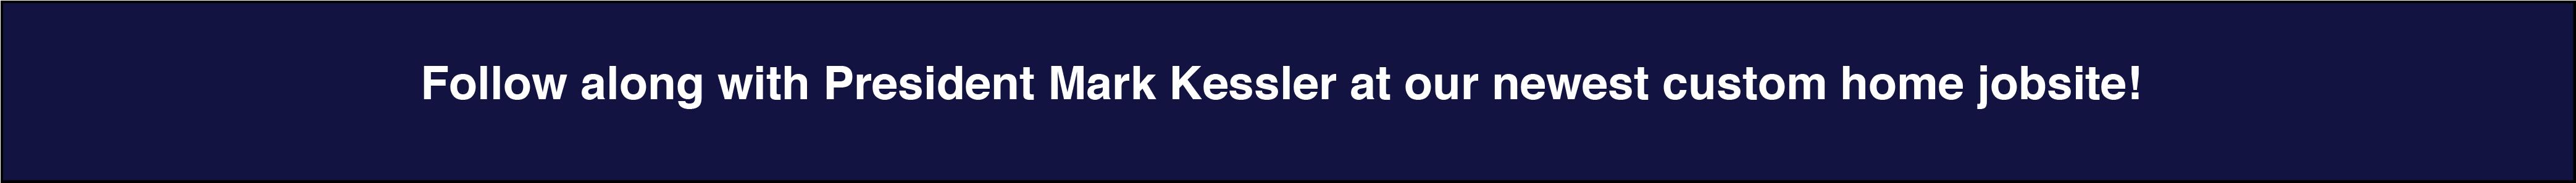 Kessler-Video Banner-6